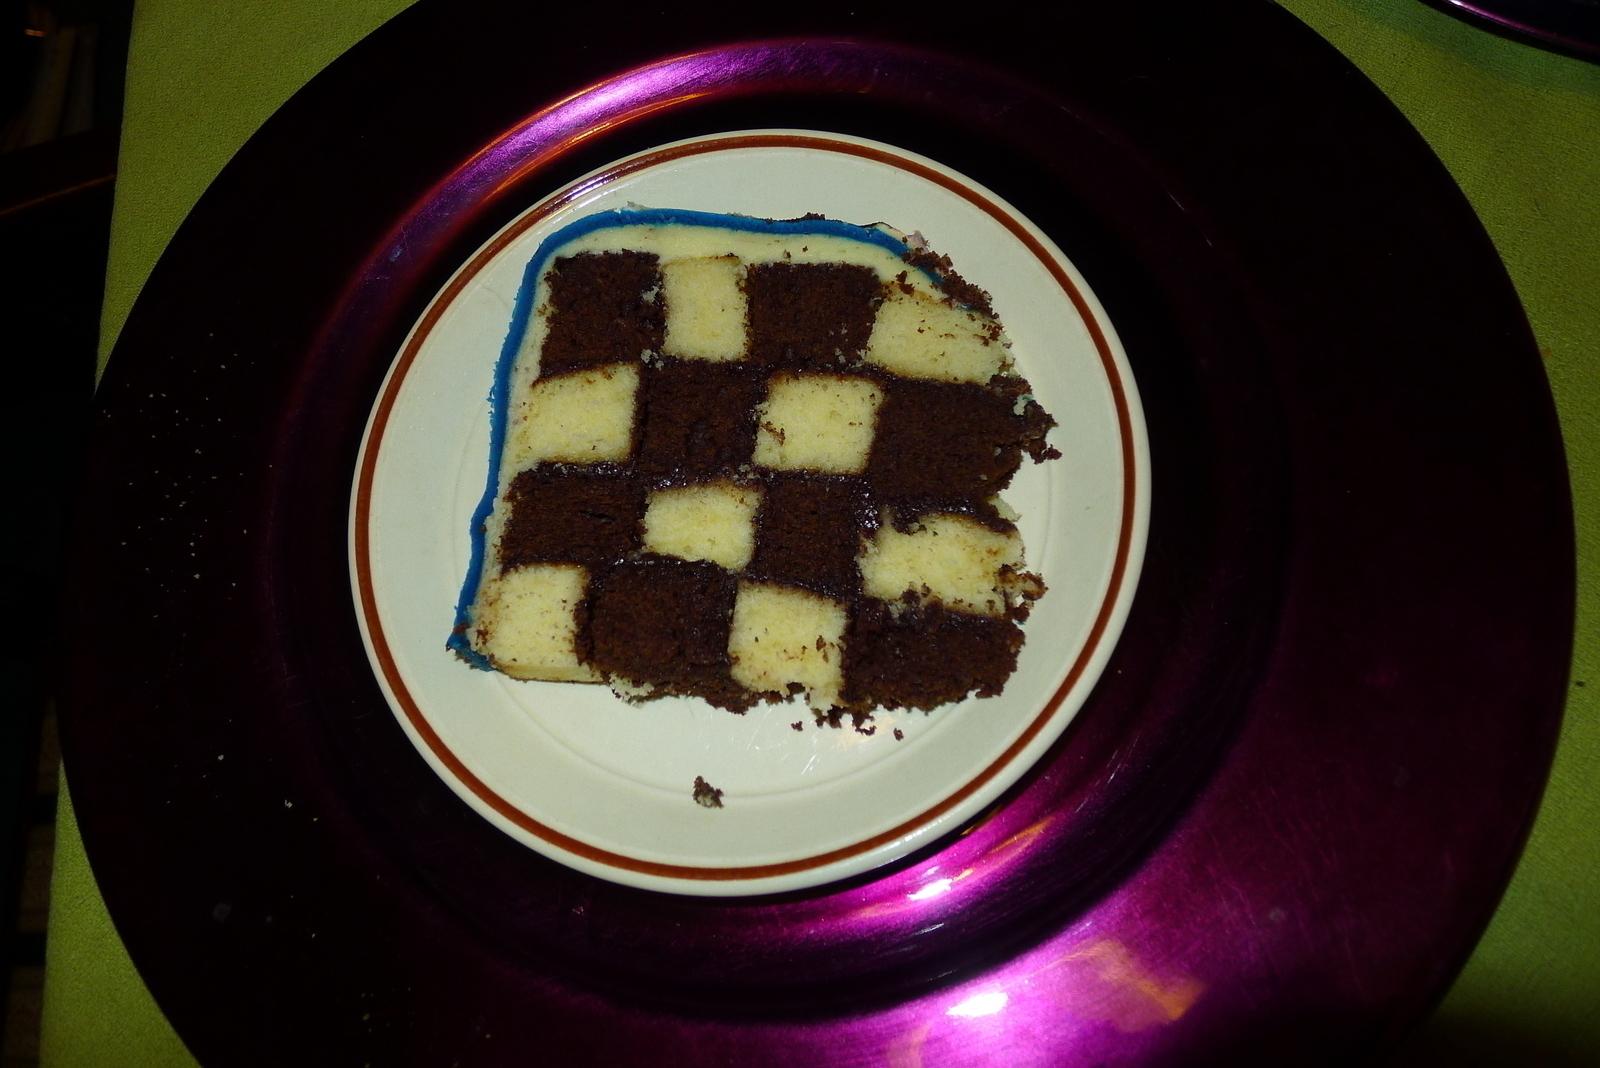 Nyan Cat Cake 183 An Animal Cake 183 Baking Food Decoration